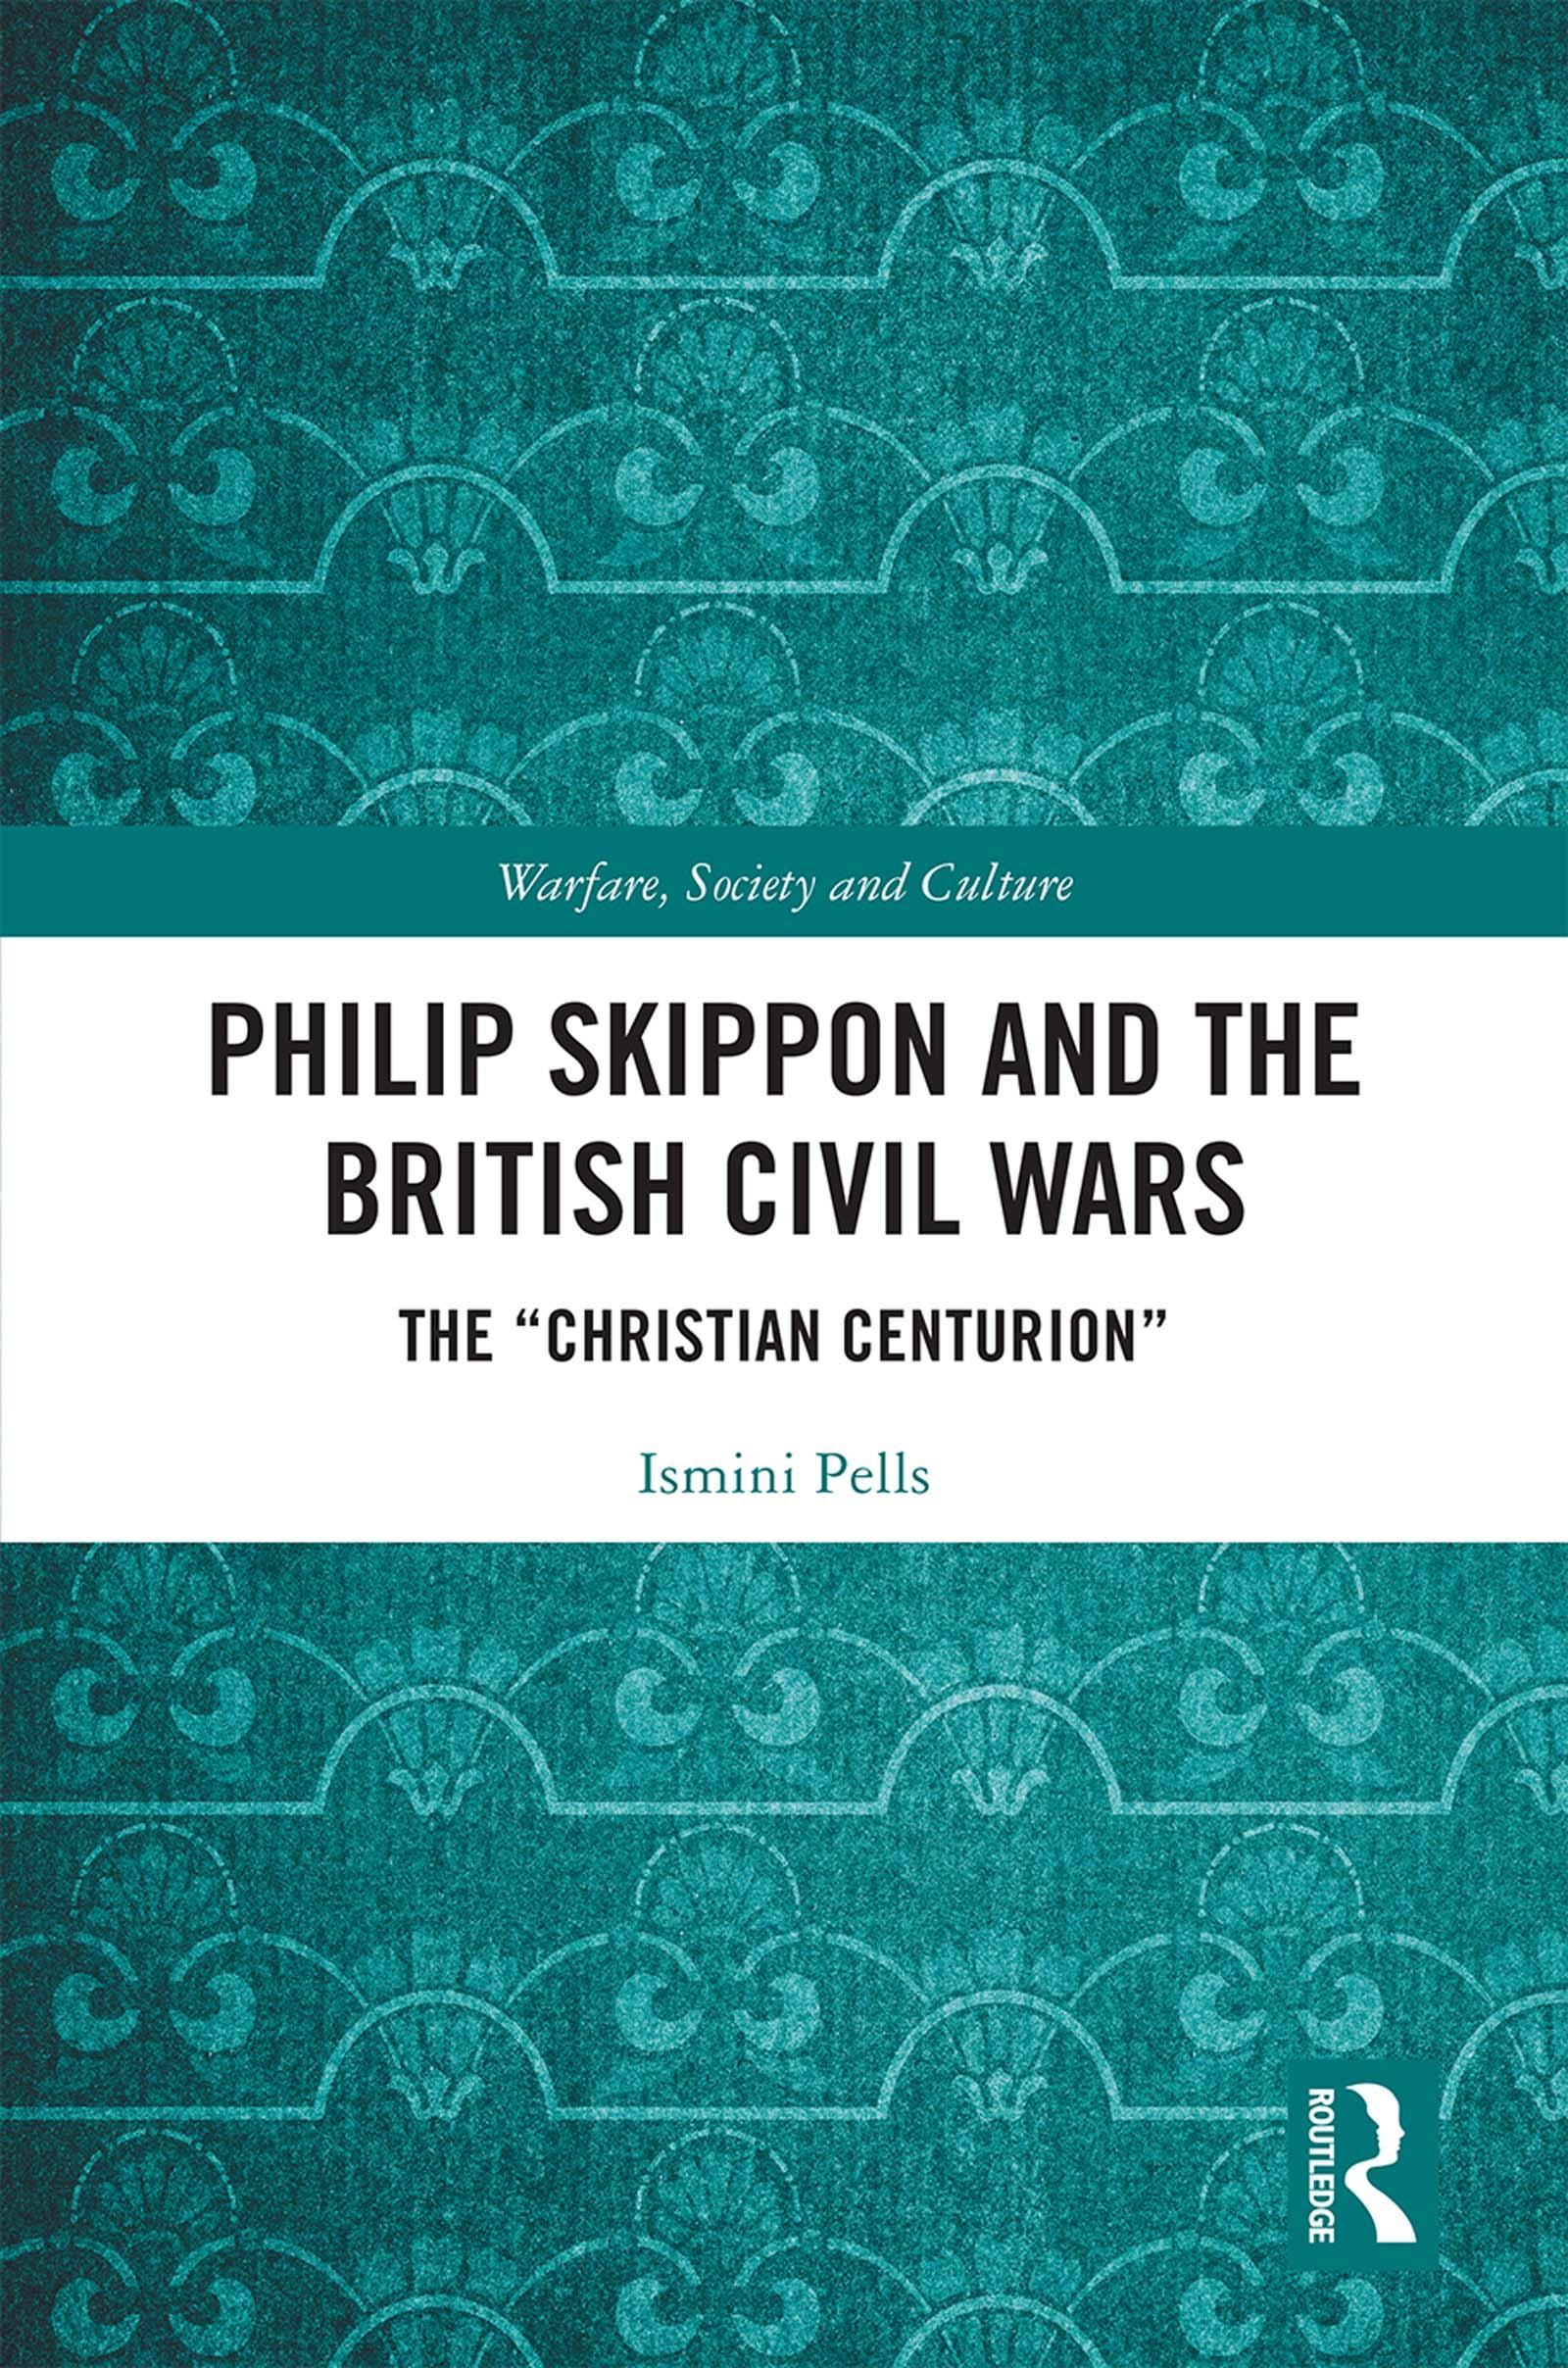 Philip Skippon and the British Civil Wars: The